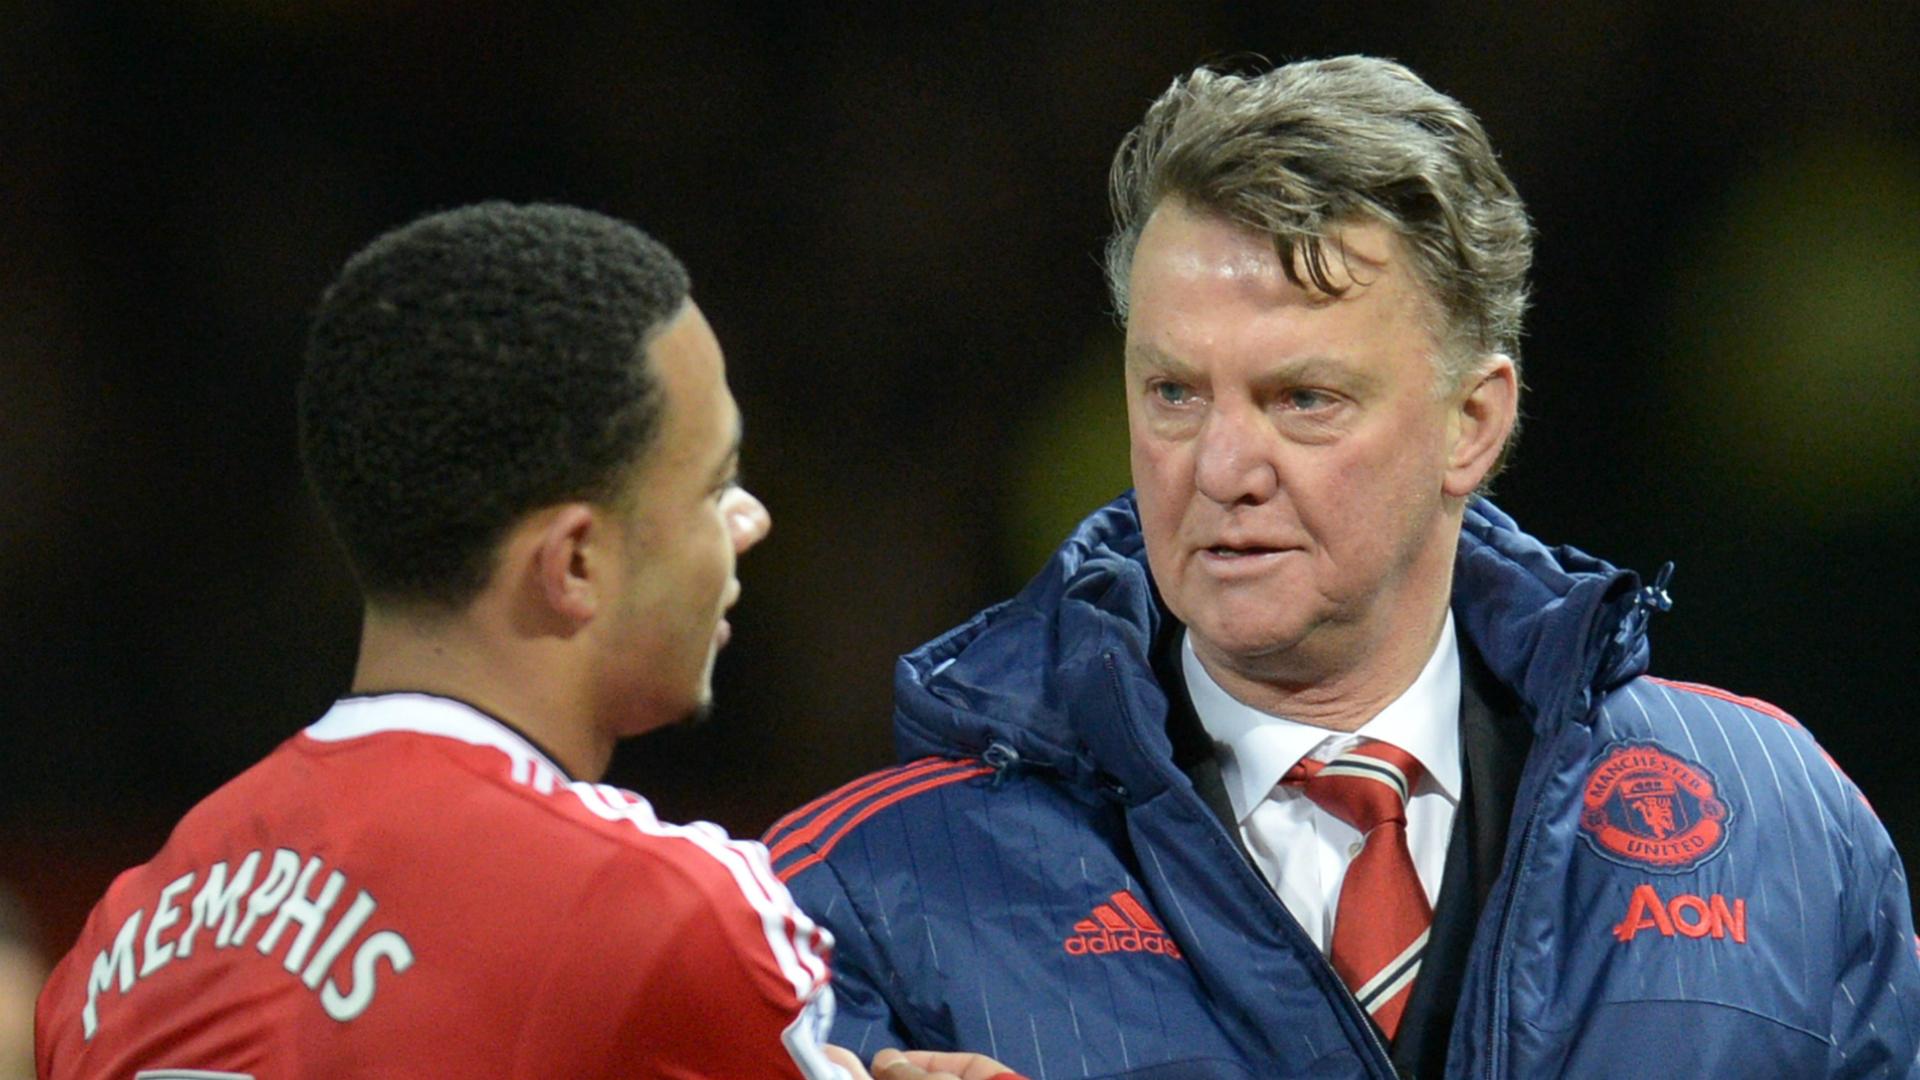 Depay has talent but he is not Messi or Ronaldo - Van Gaal